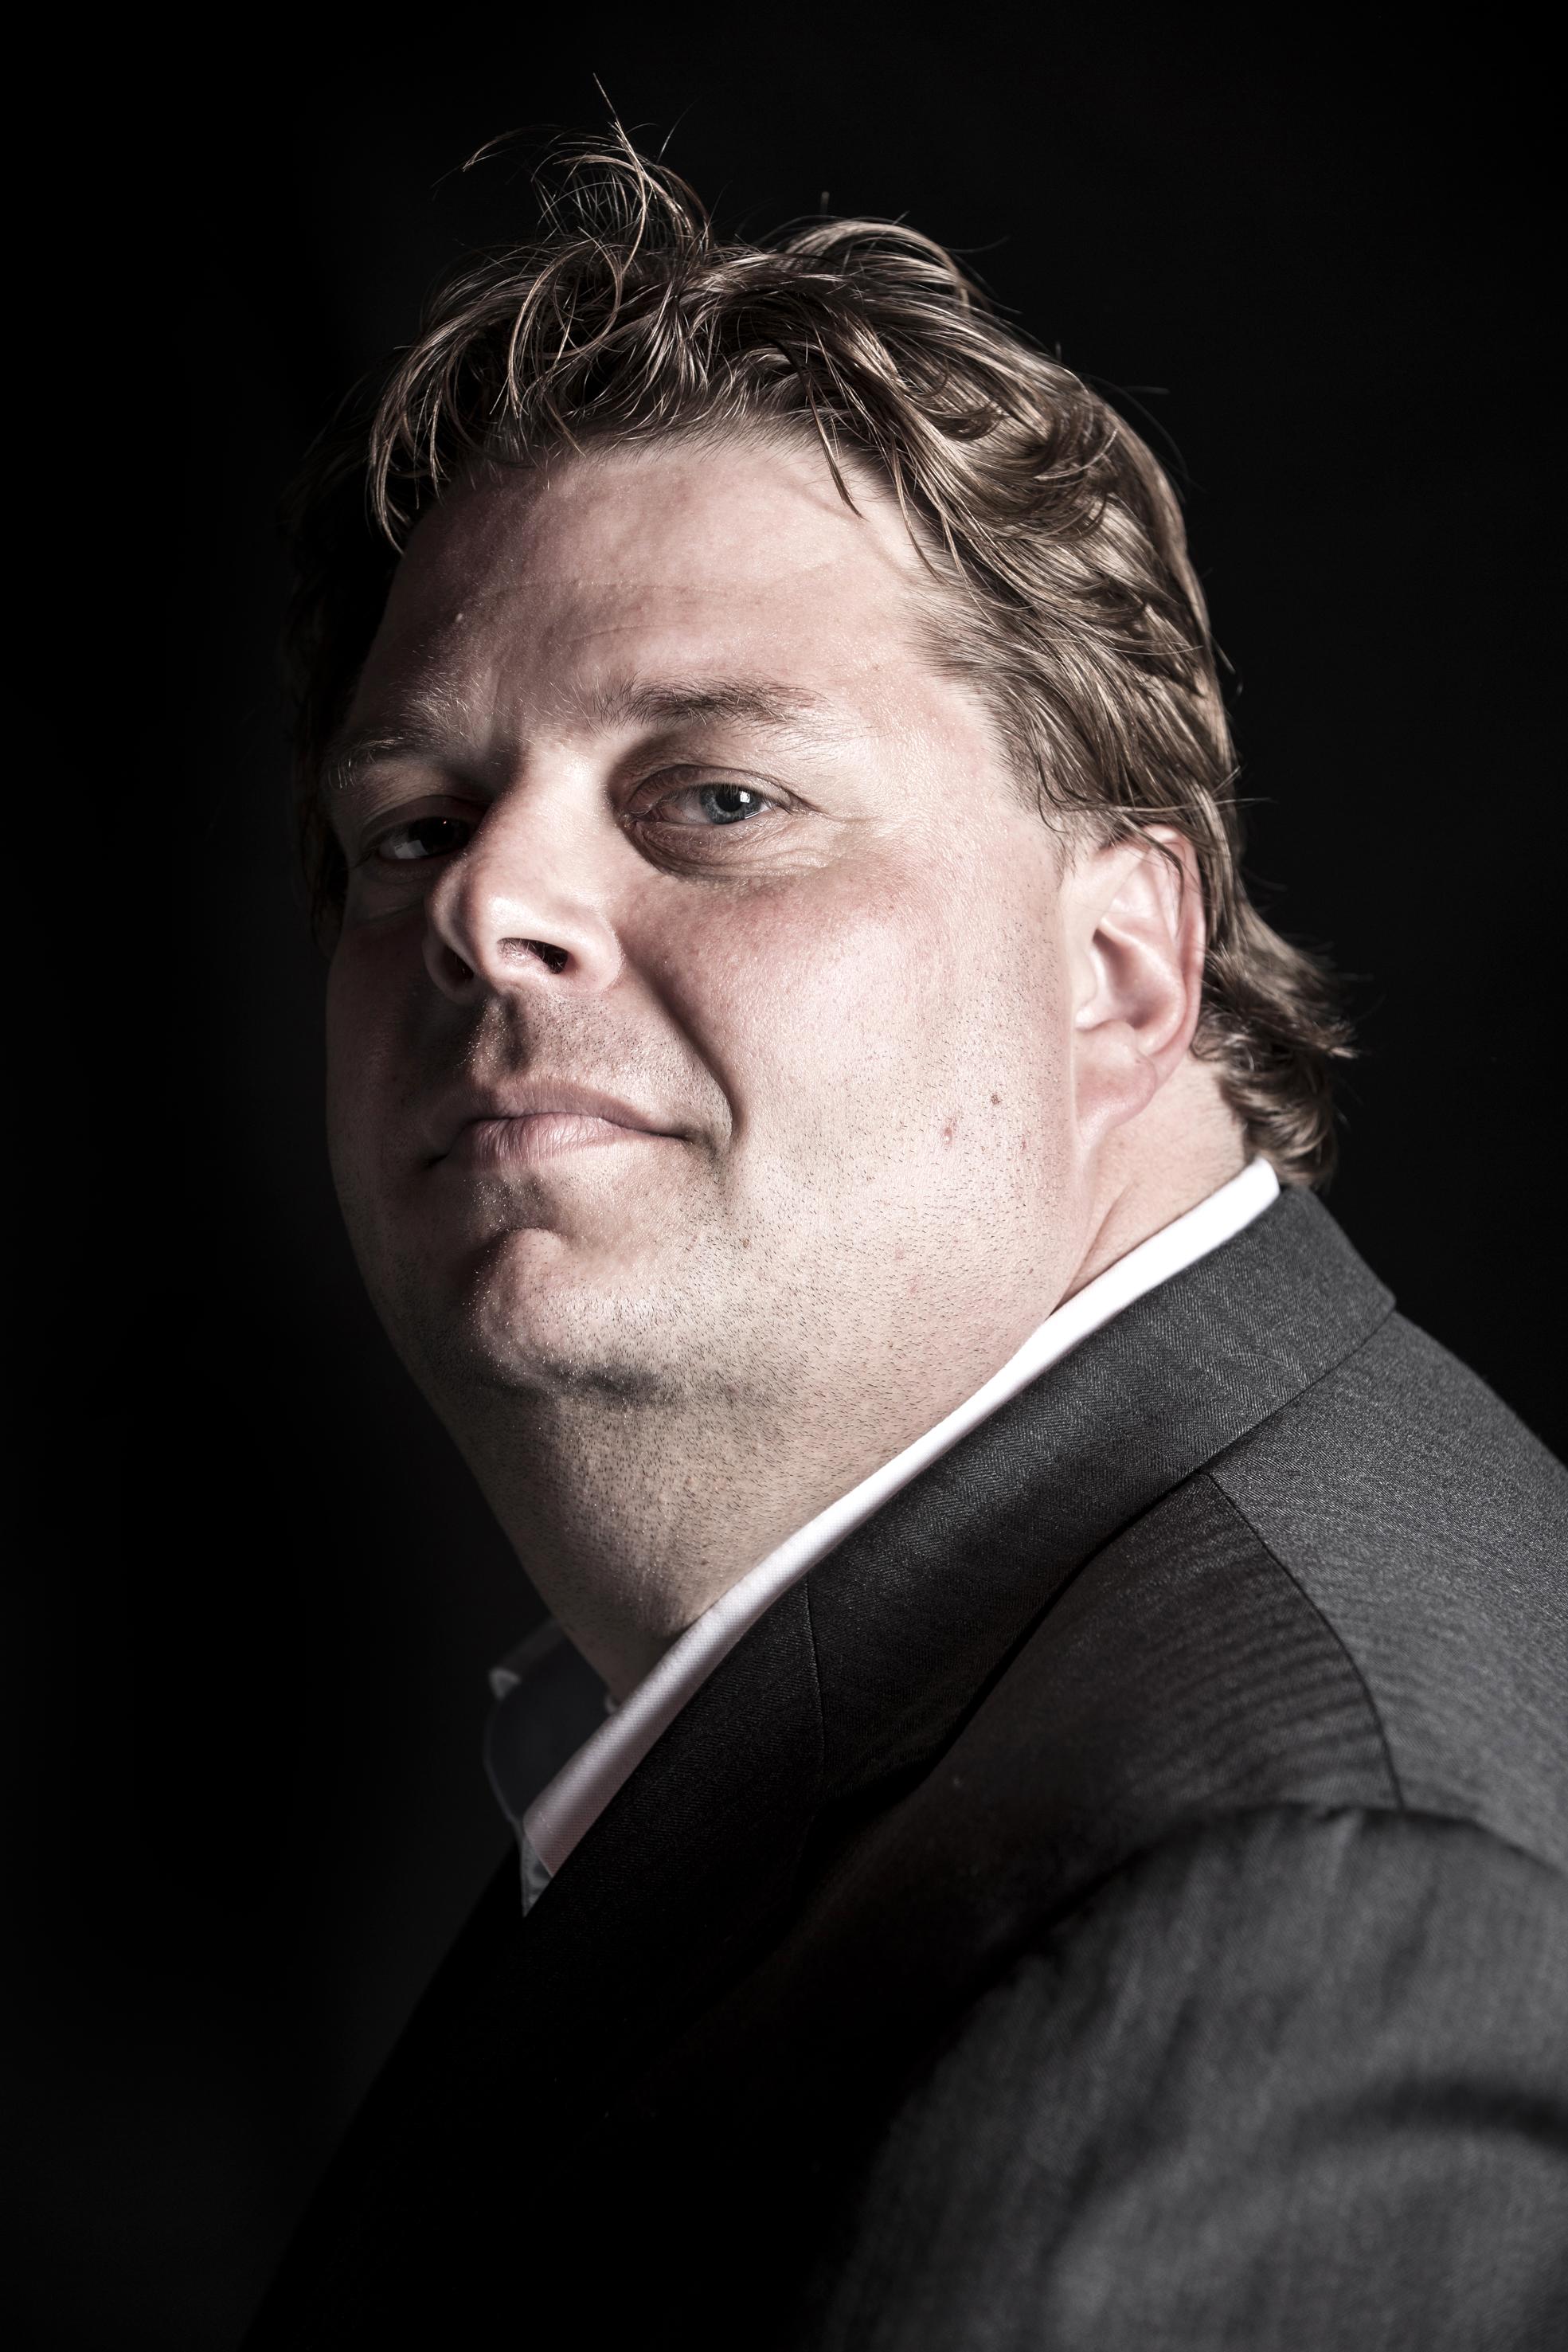 Robert-Jan van Bavel